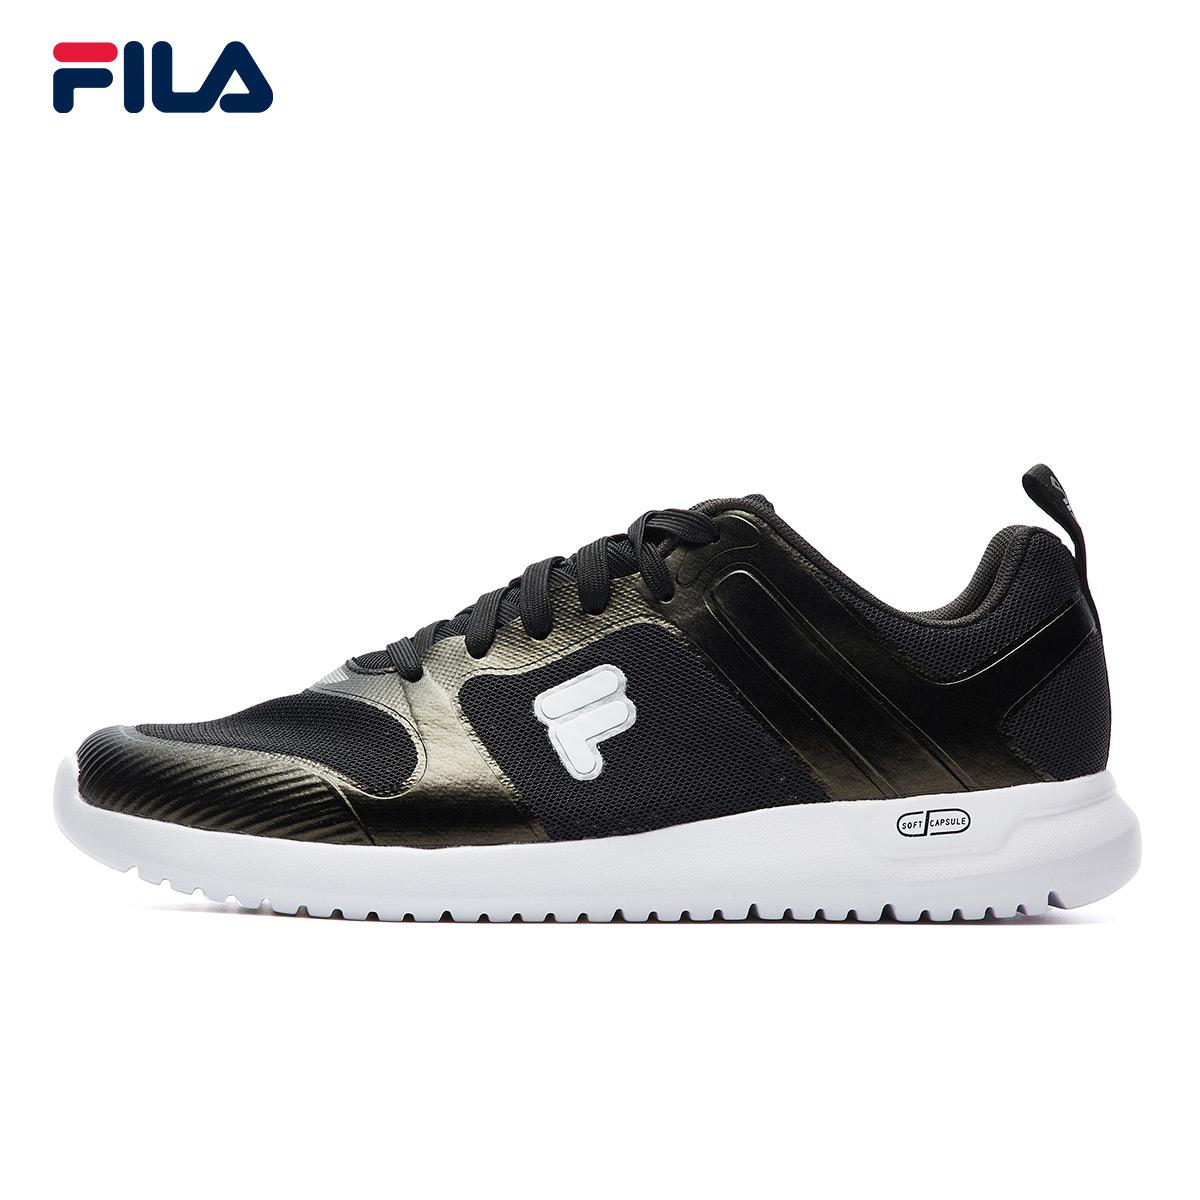 FILA斐樂男鞋2018夏季新款運動鞋跑步鞋簡約易搭透氣網布訓練鞋男